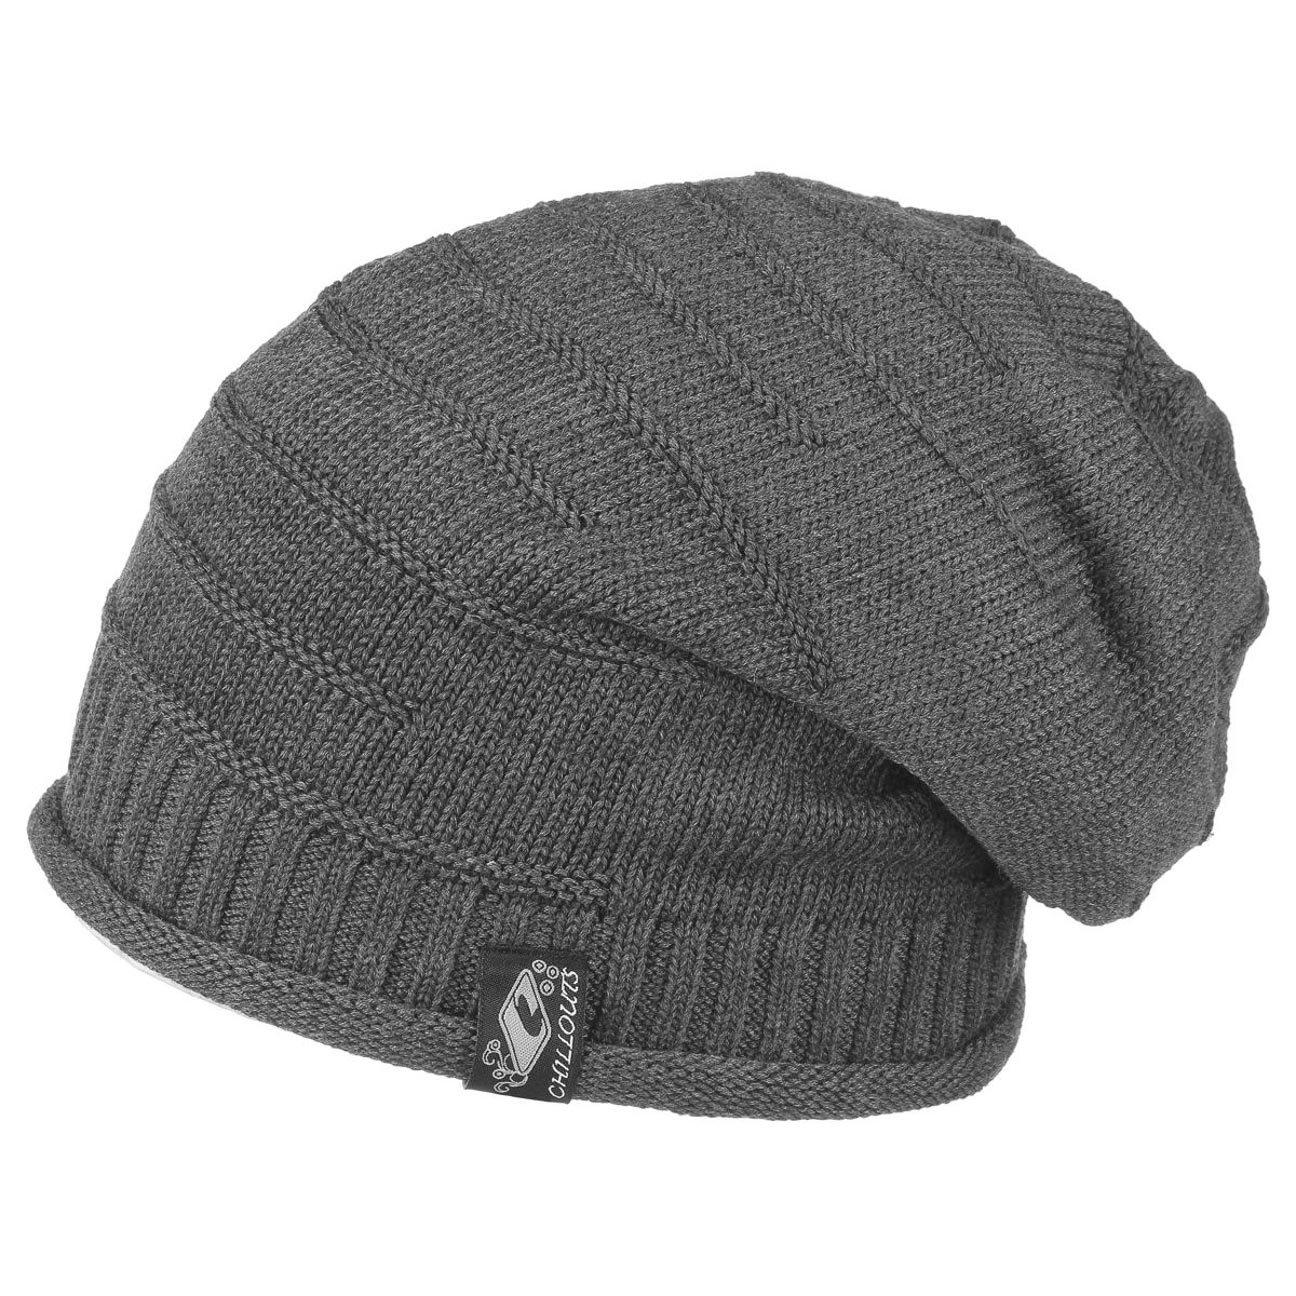 Long Bonnet long Erik - Femmes Hommes Chapeau casquettes unisexes, 2014 (gris)